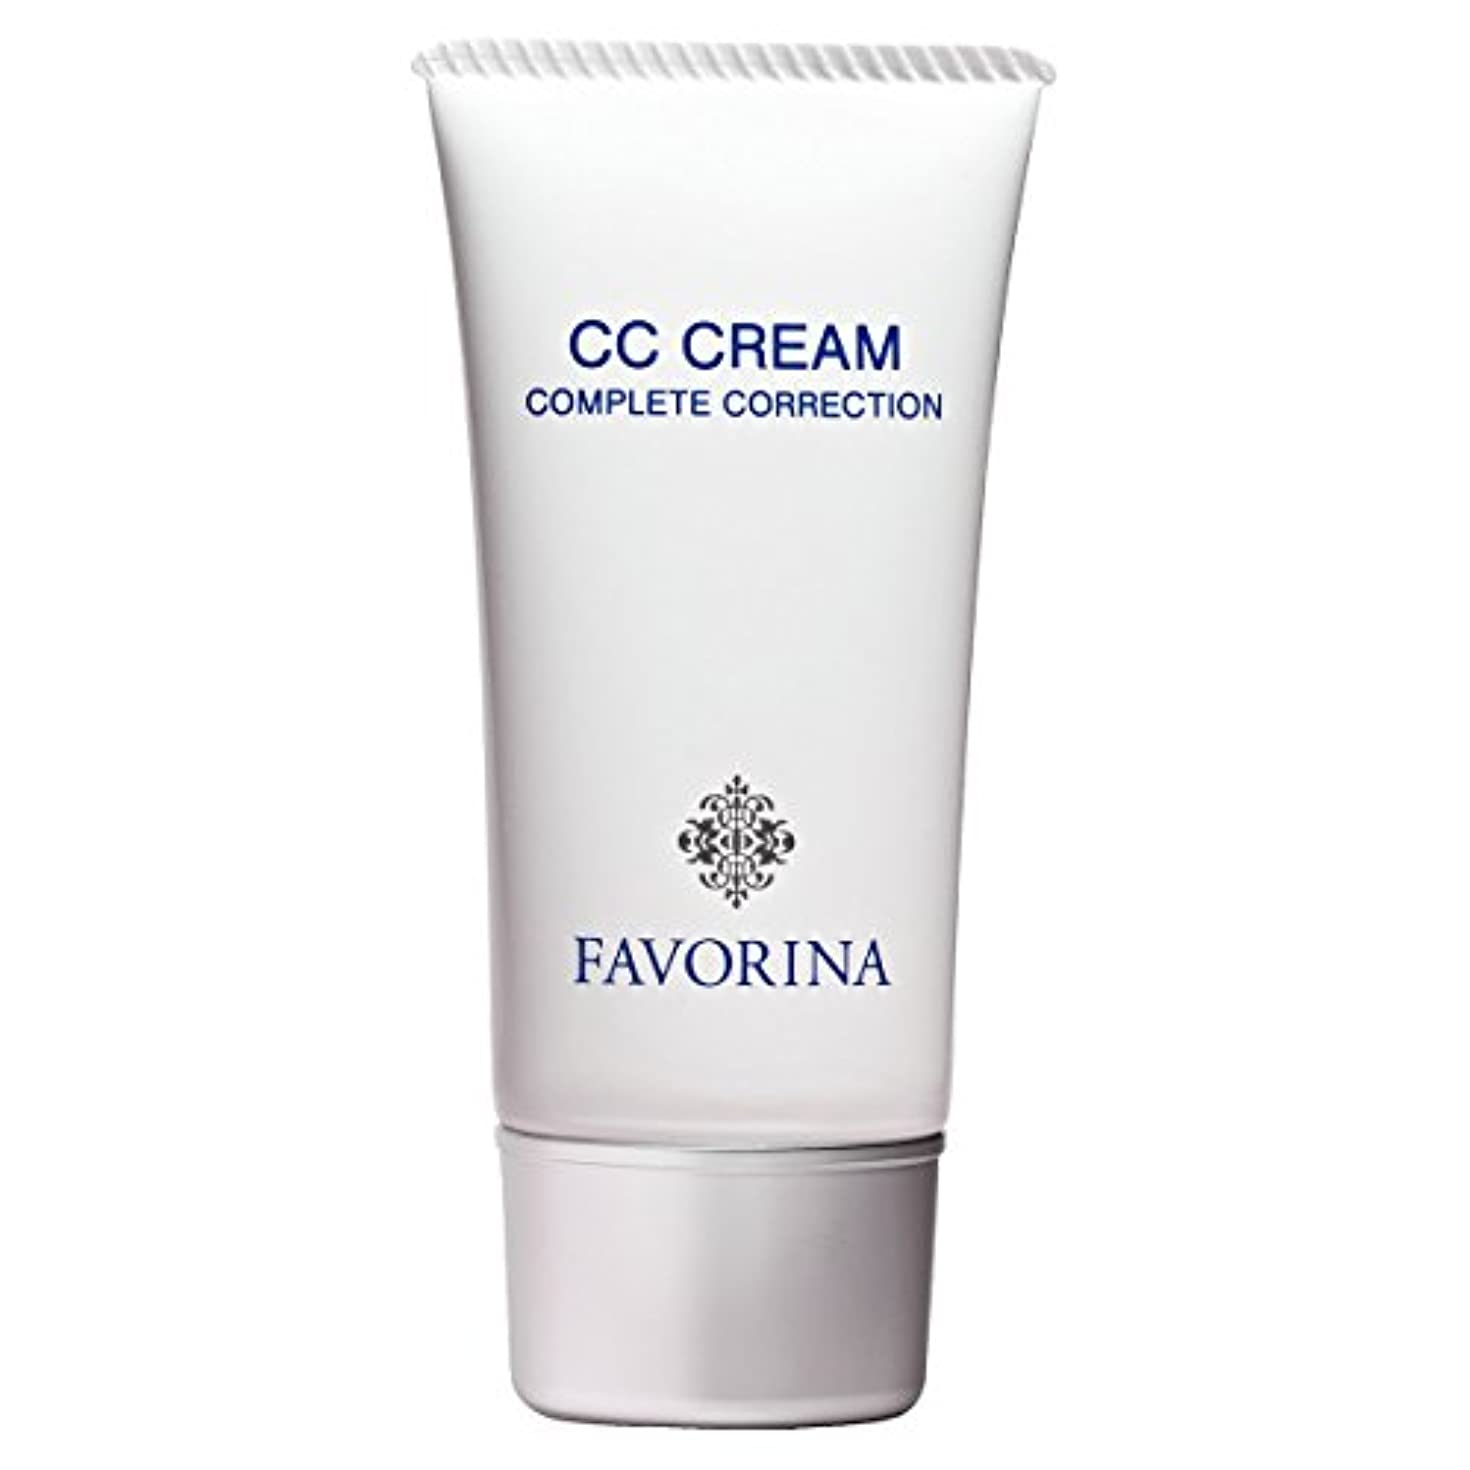 おなかがすいた仕事マイルフェヴリナ (Favorina) CCクリーム ライトベージュ 30g